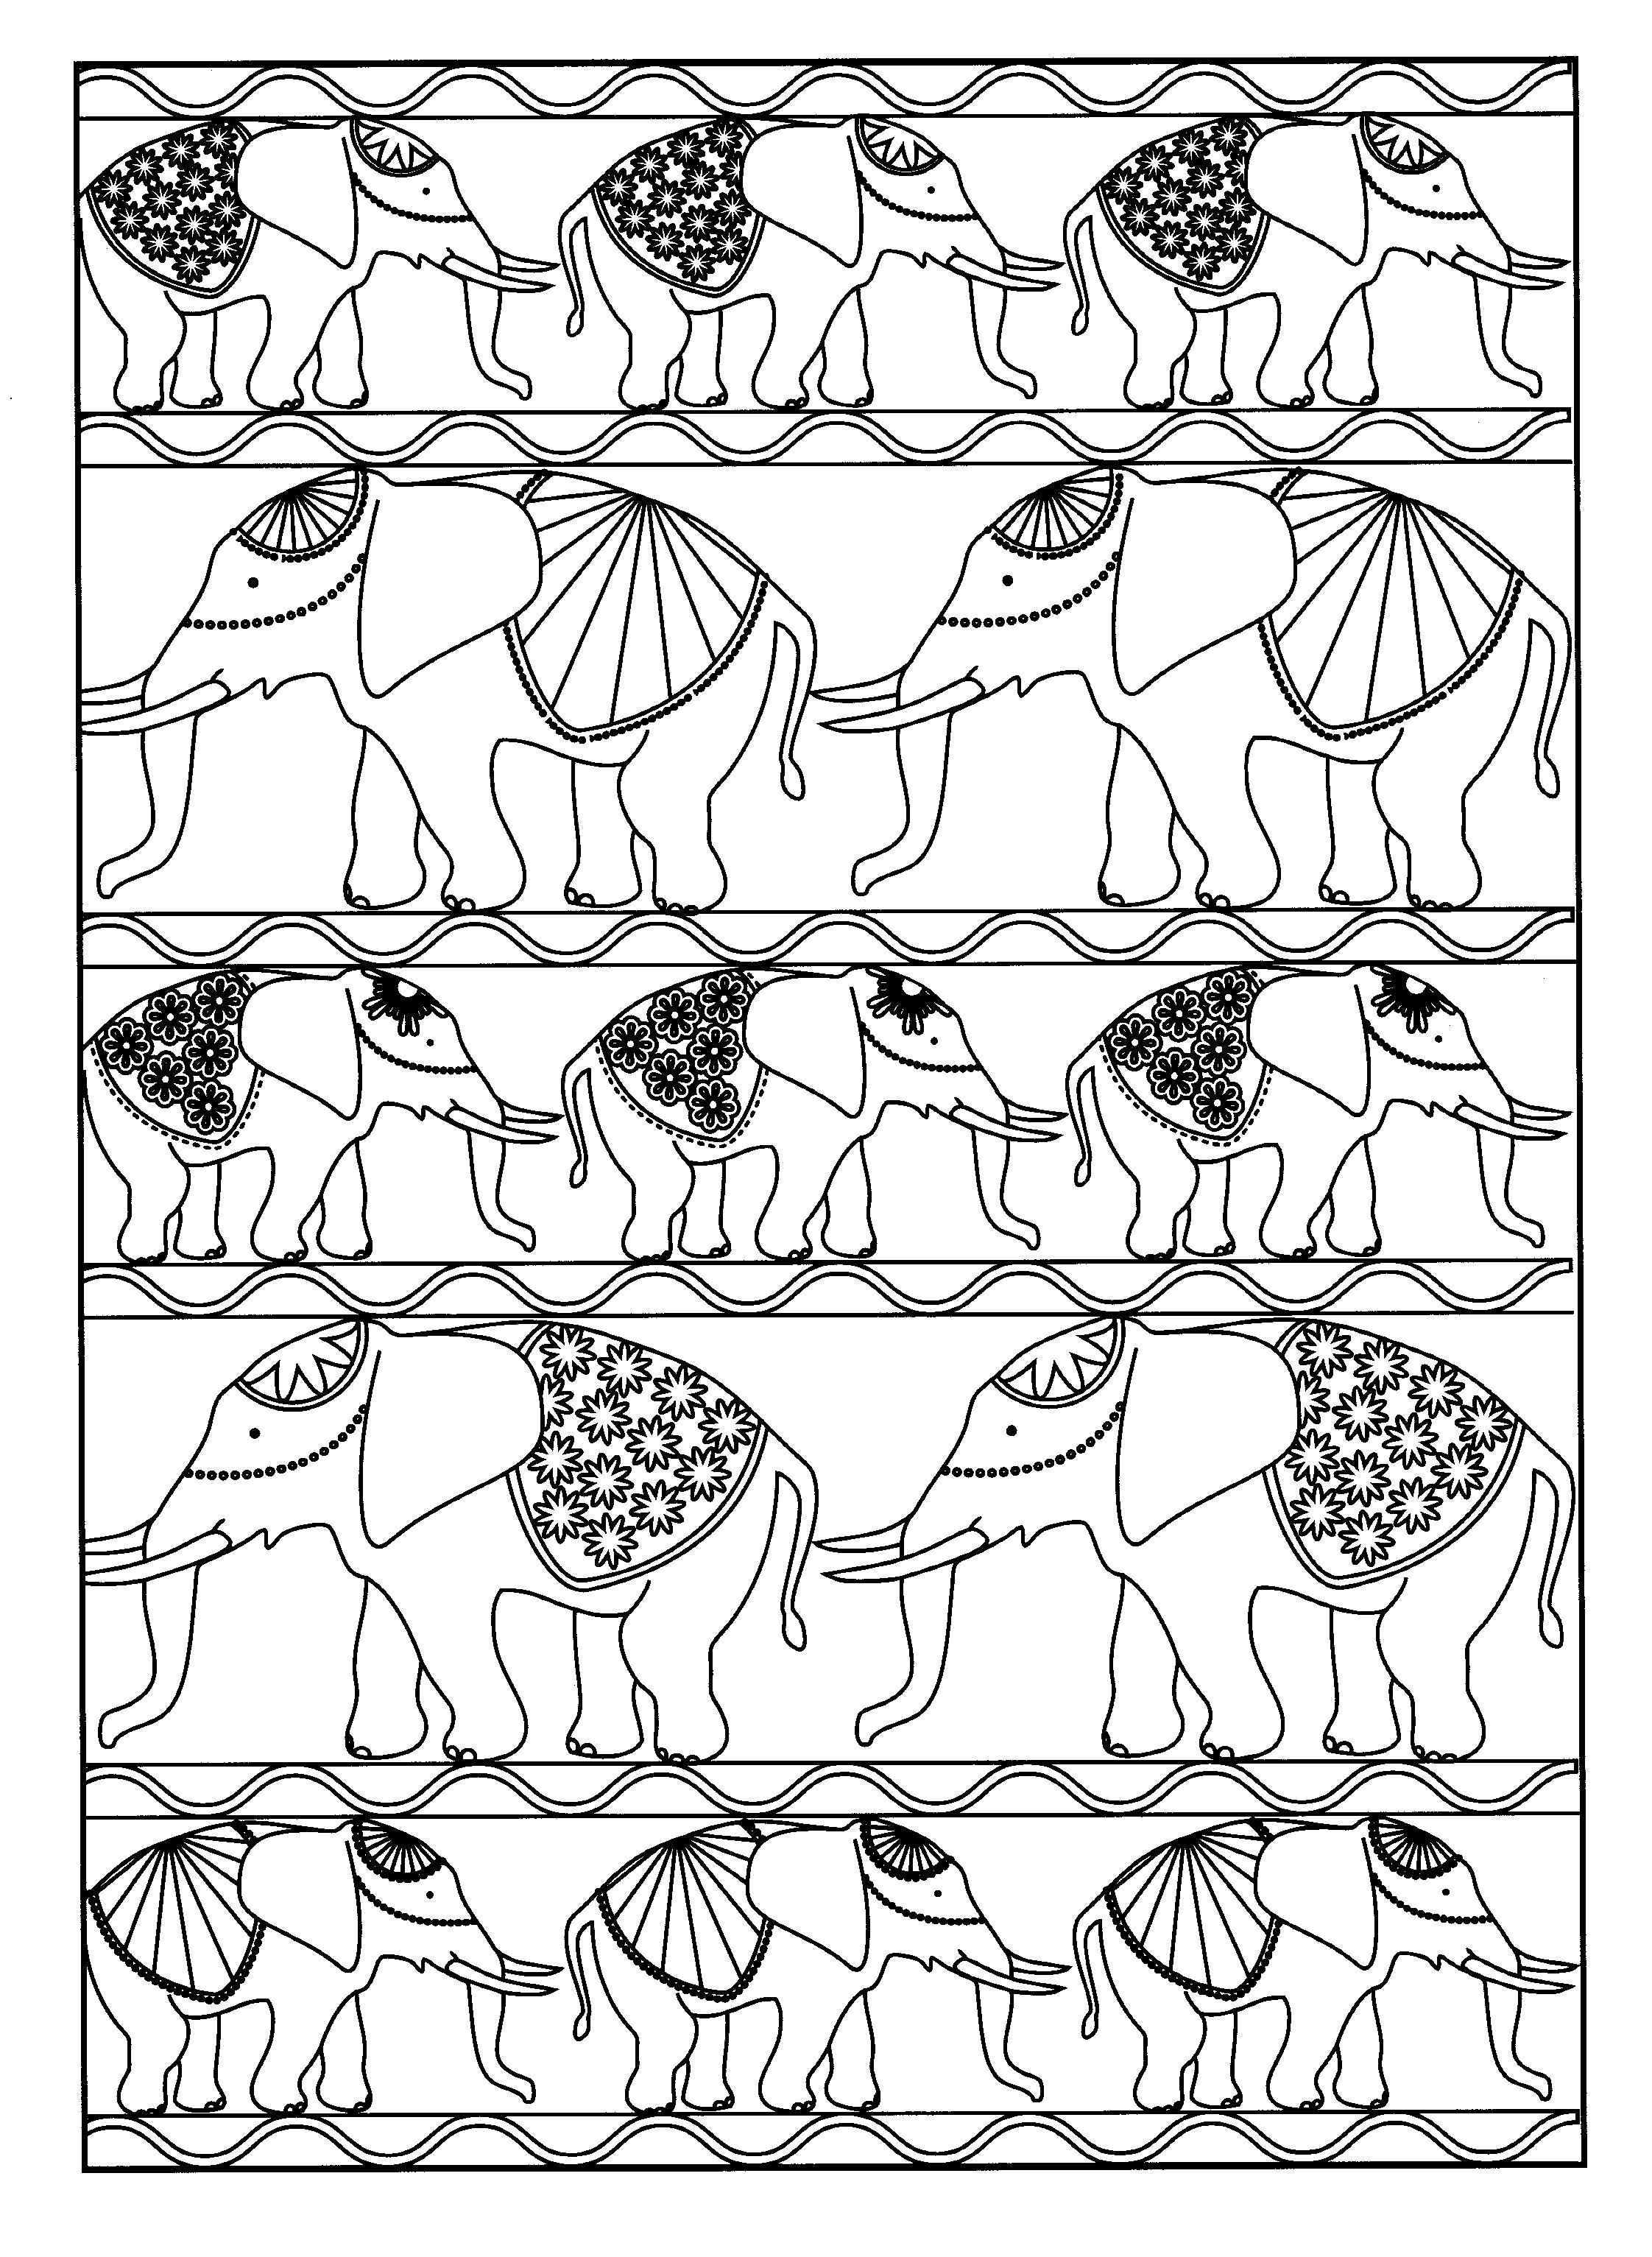 Motifs faits à partir de dessins d'éléphants